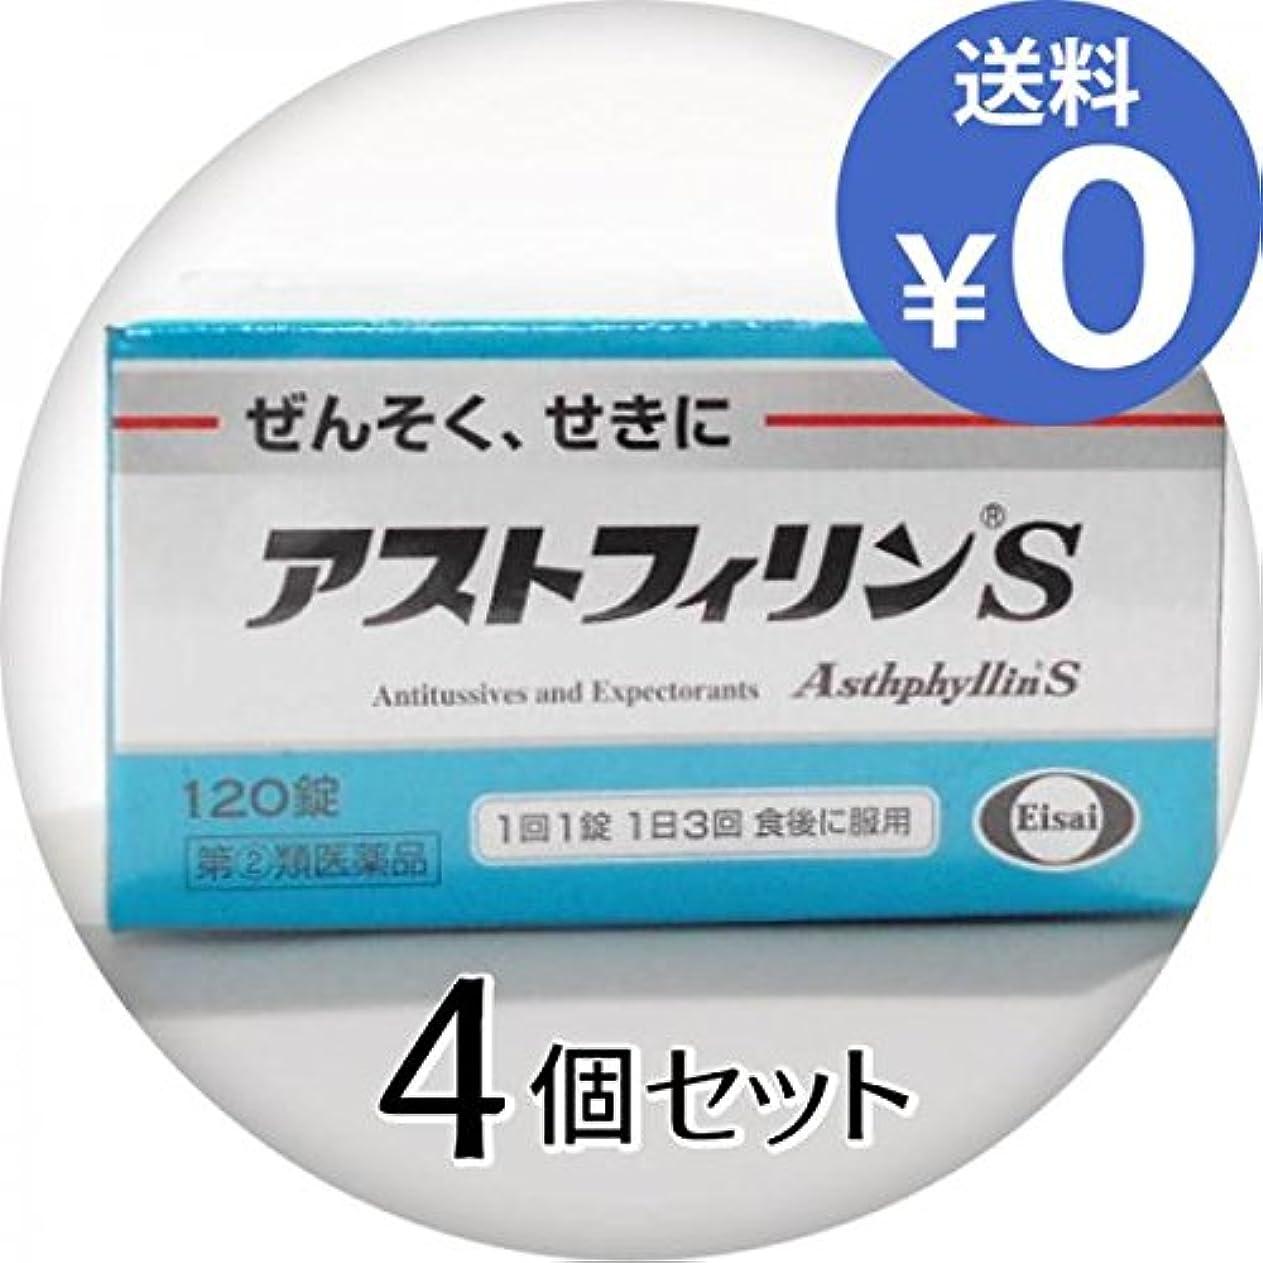 どっちピンに負ける【指定第2類医薬品】アストフィリンS 45錠 ×4